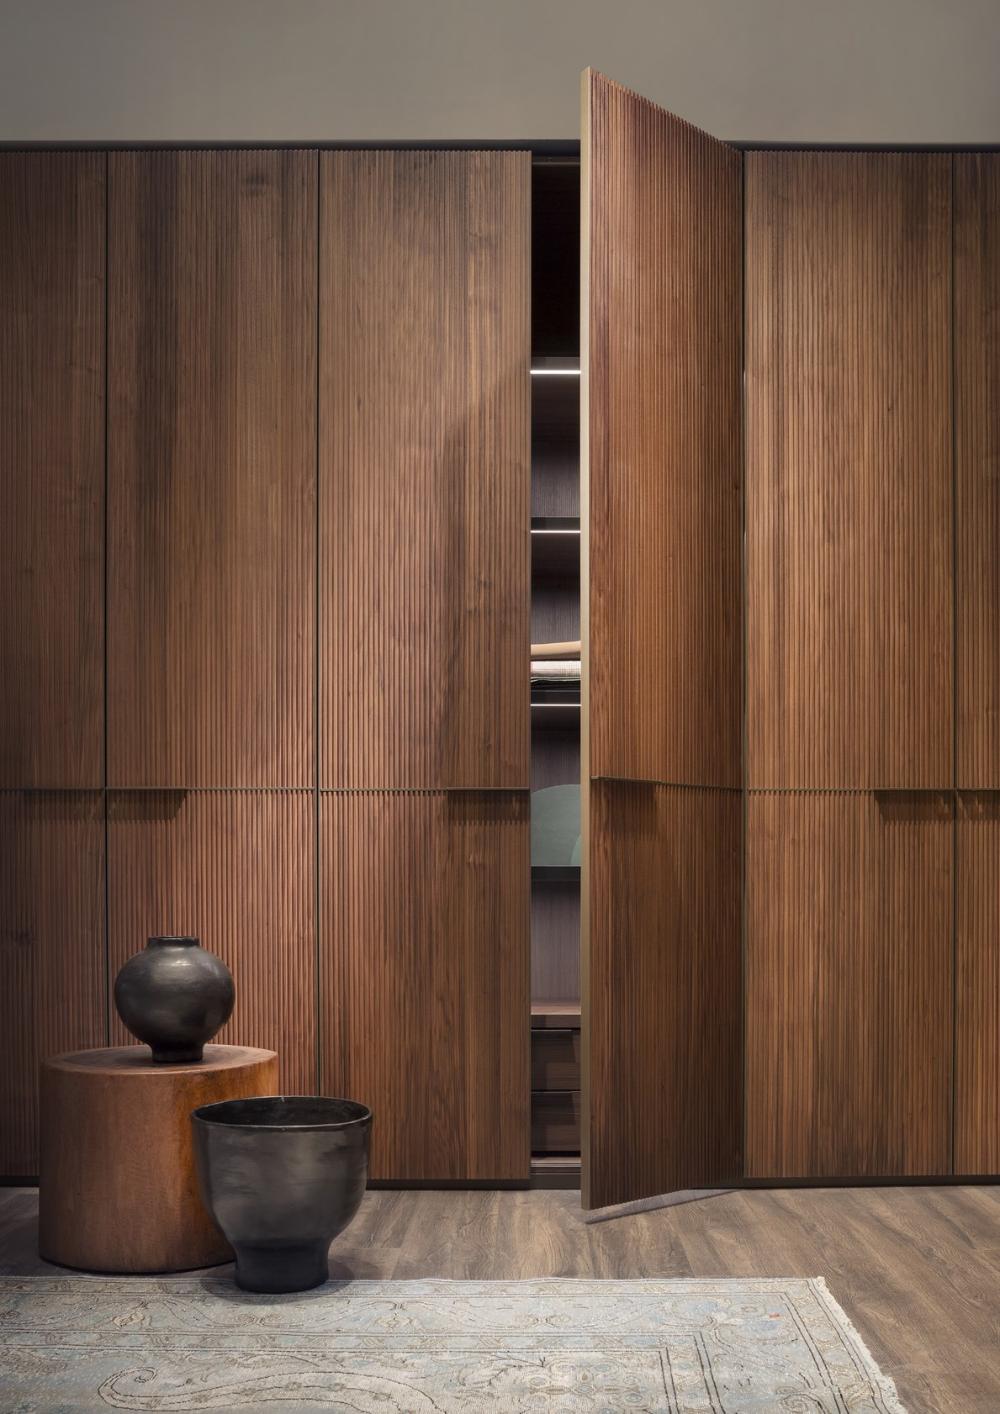 Lema Home at IMM | Wardrobe door designs, Bedroom furniture design, Wardrobe  design bedroom